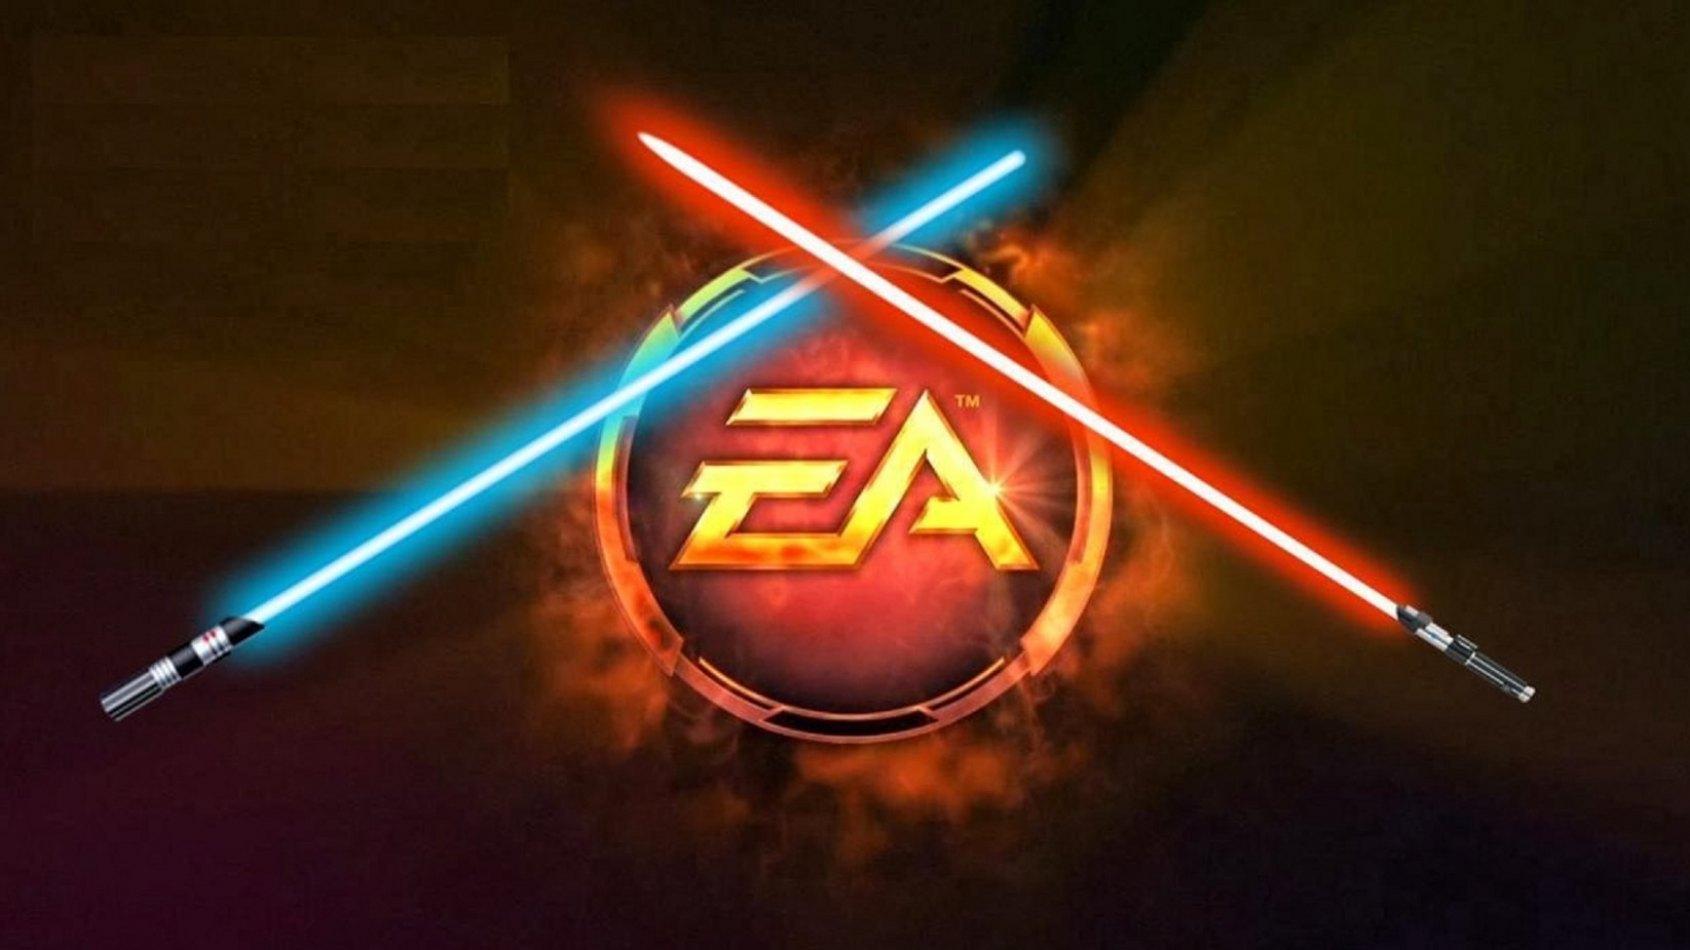 Un nouveau jeu Star Wars se prépare avec EA Games